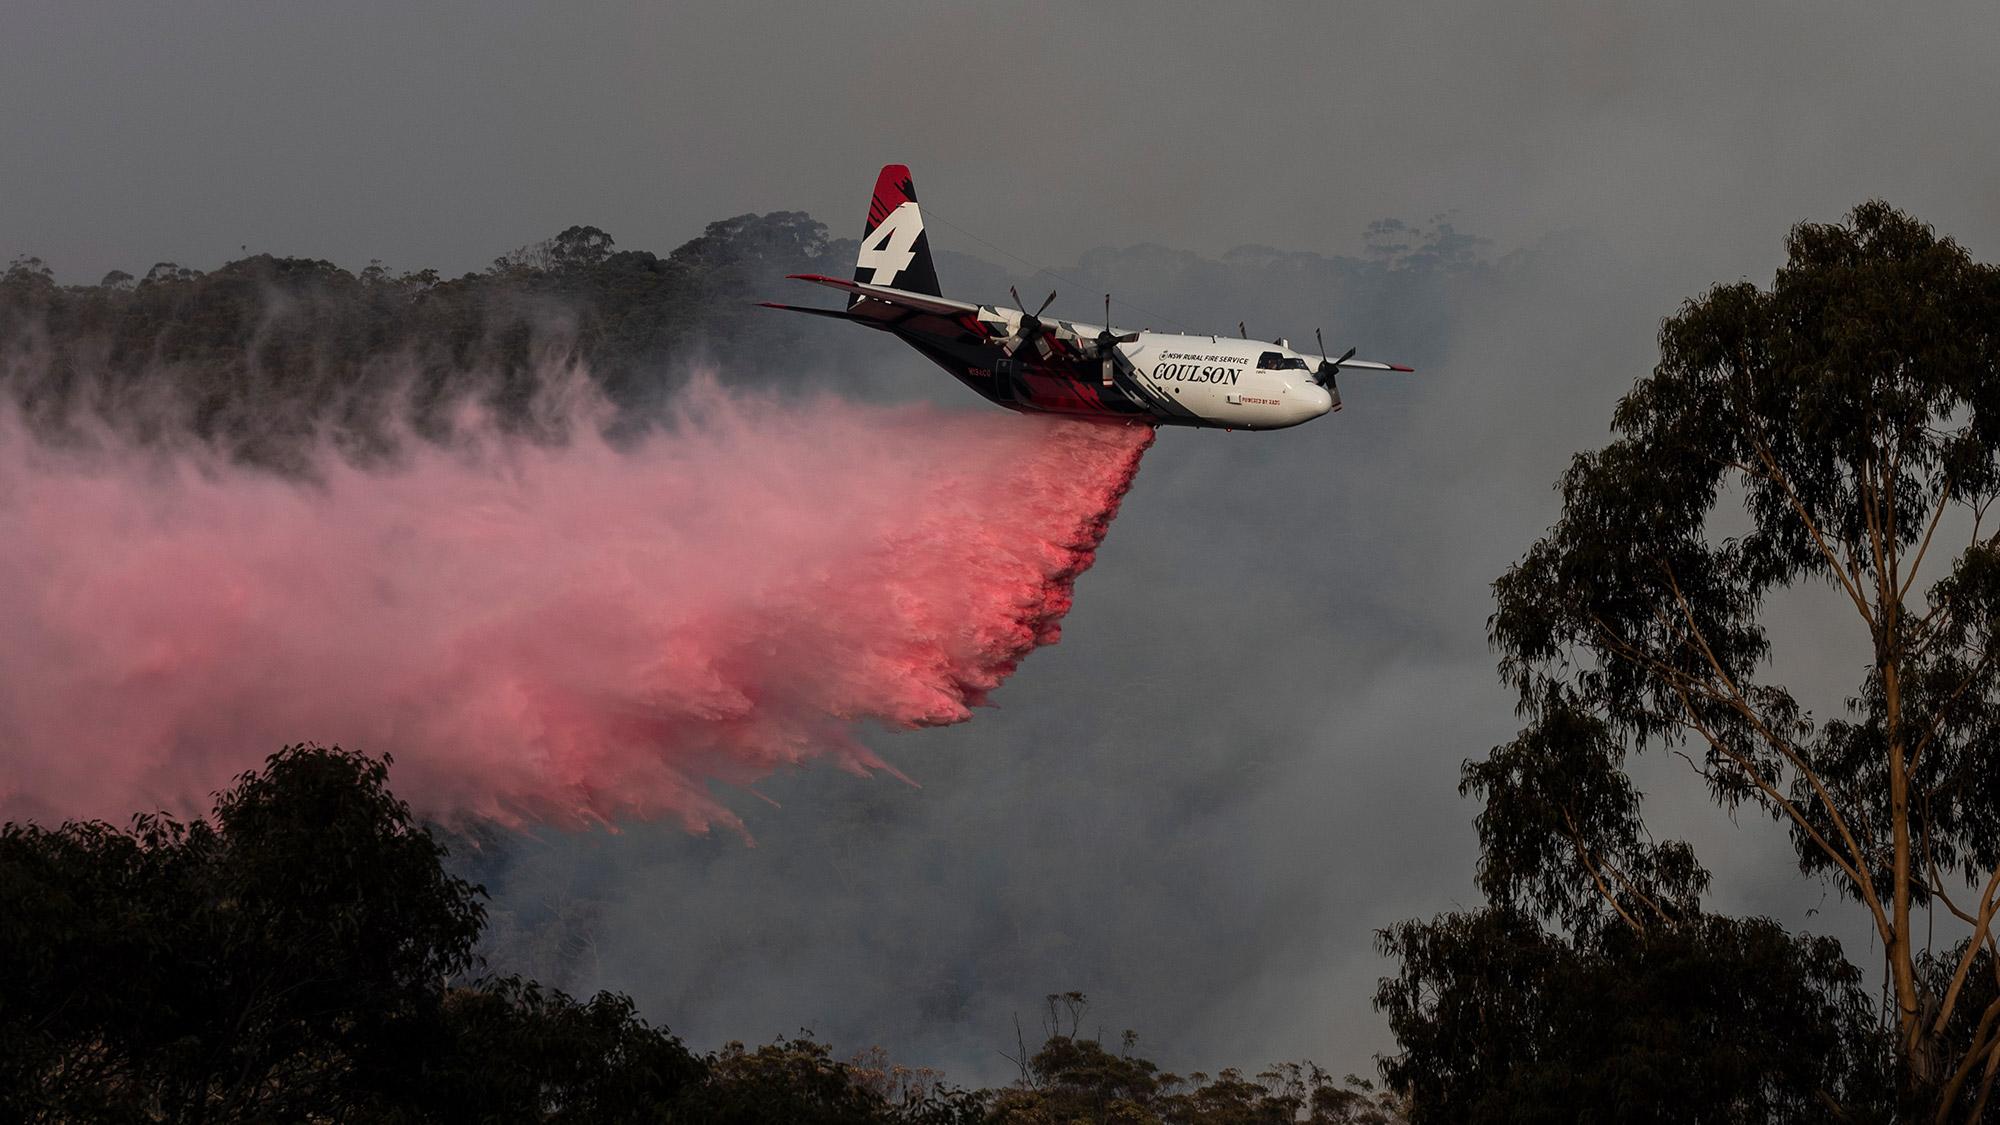 Image d'hélicoptère libérant un retardateur de flamme sur un feu de brousse australien